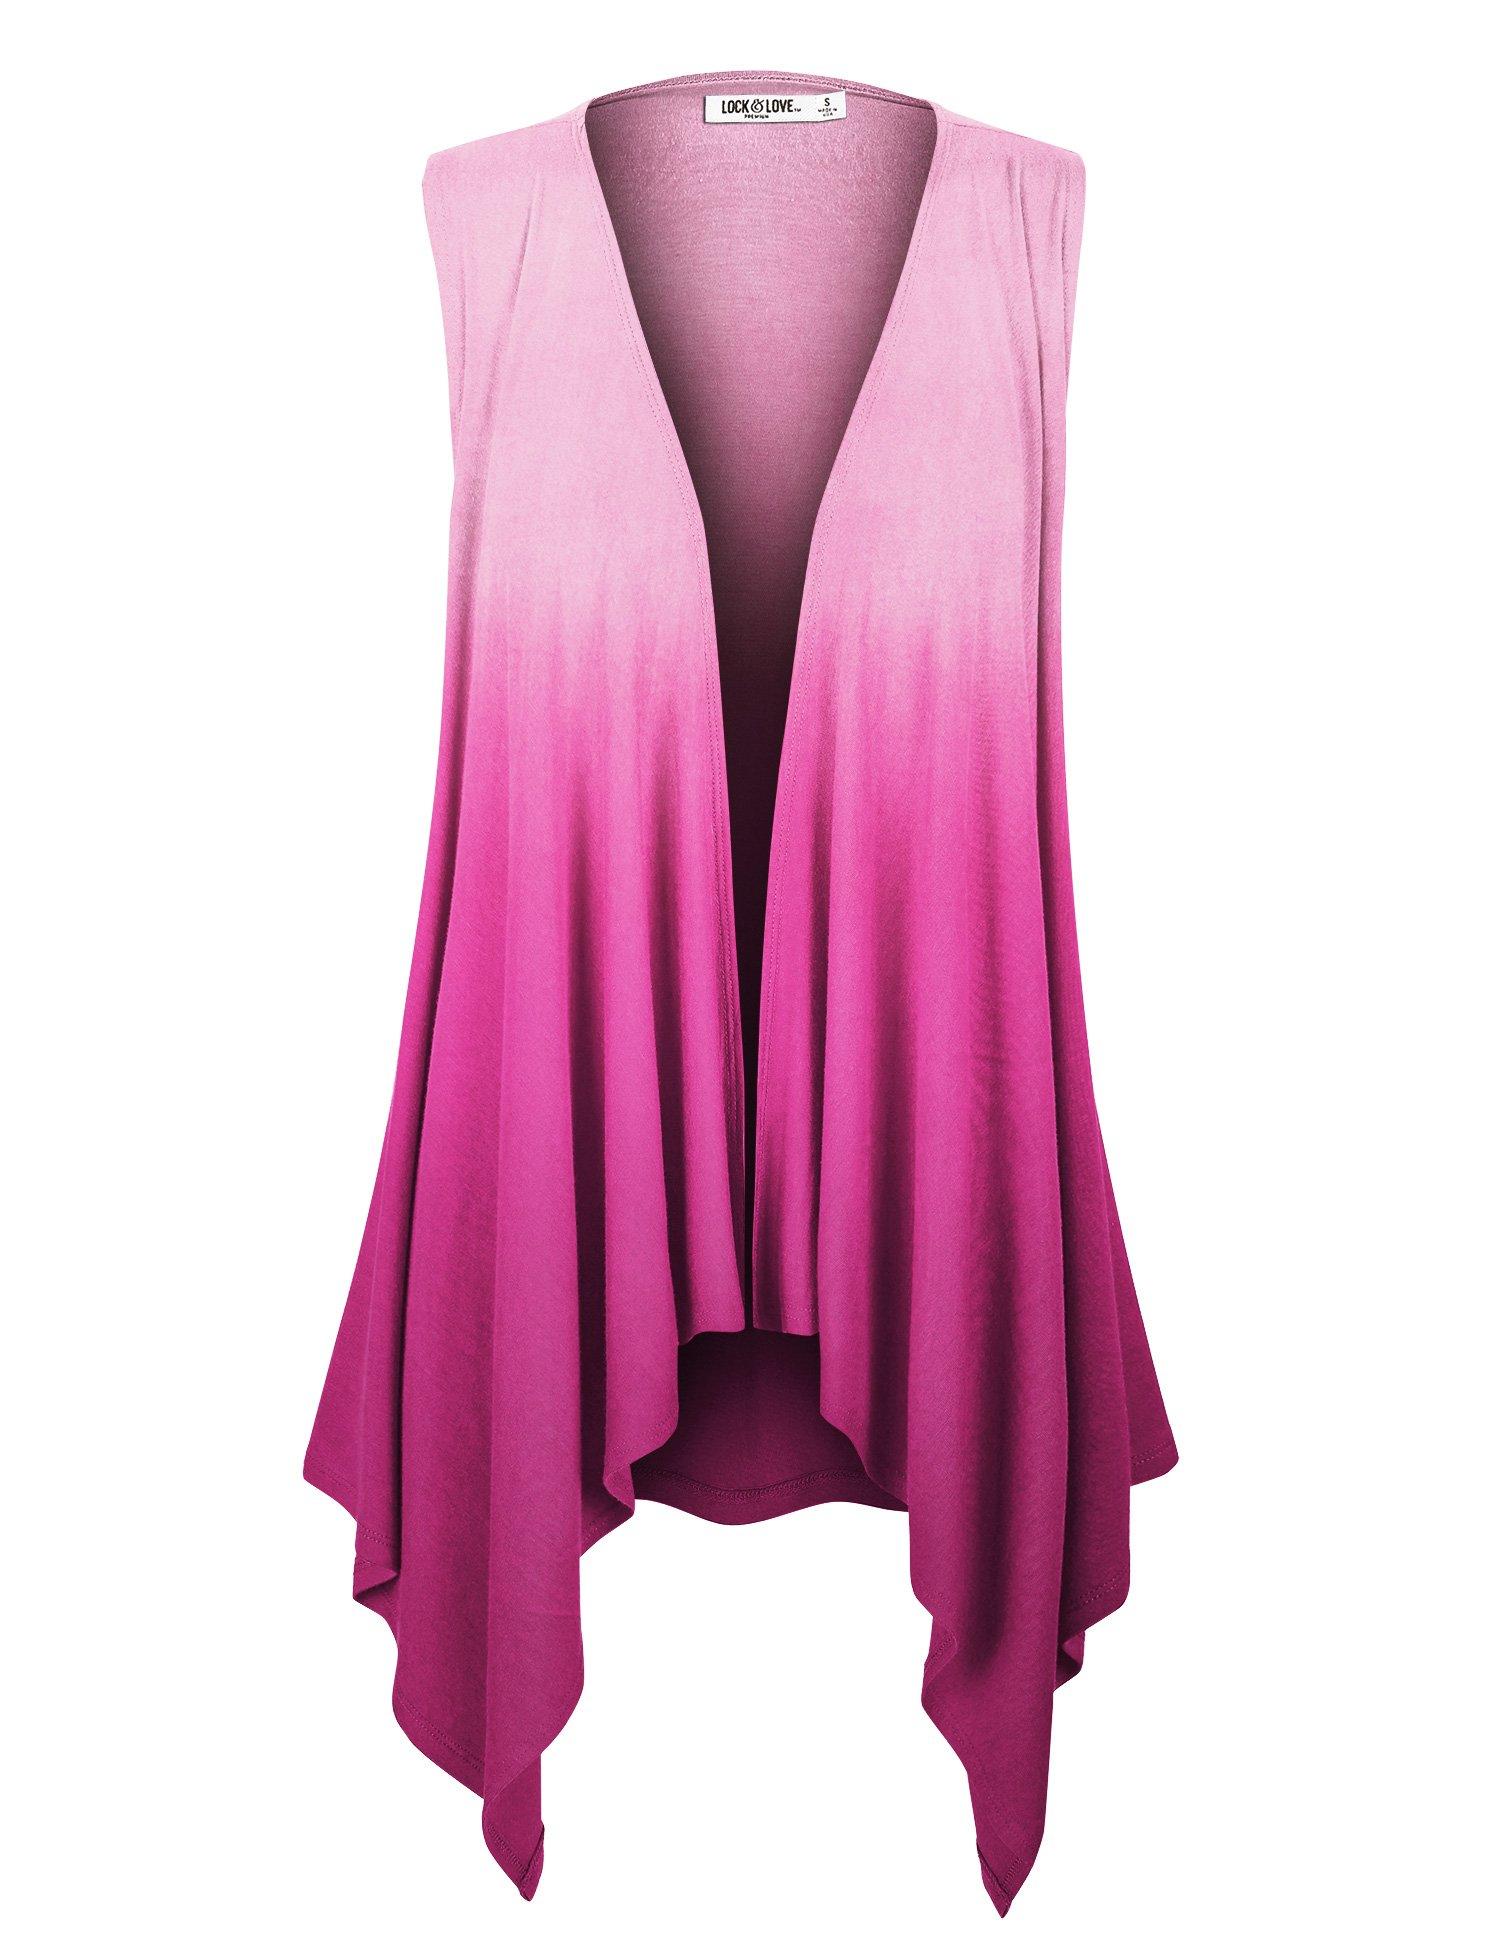 WSK1095 Womens Lightweight Sleeveless Ombre Open Front Cardigan Vest XL FUCHSIA